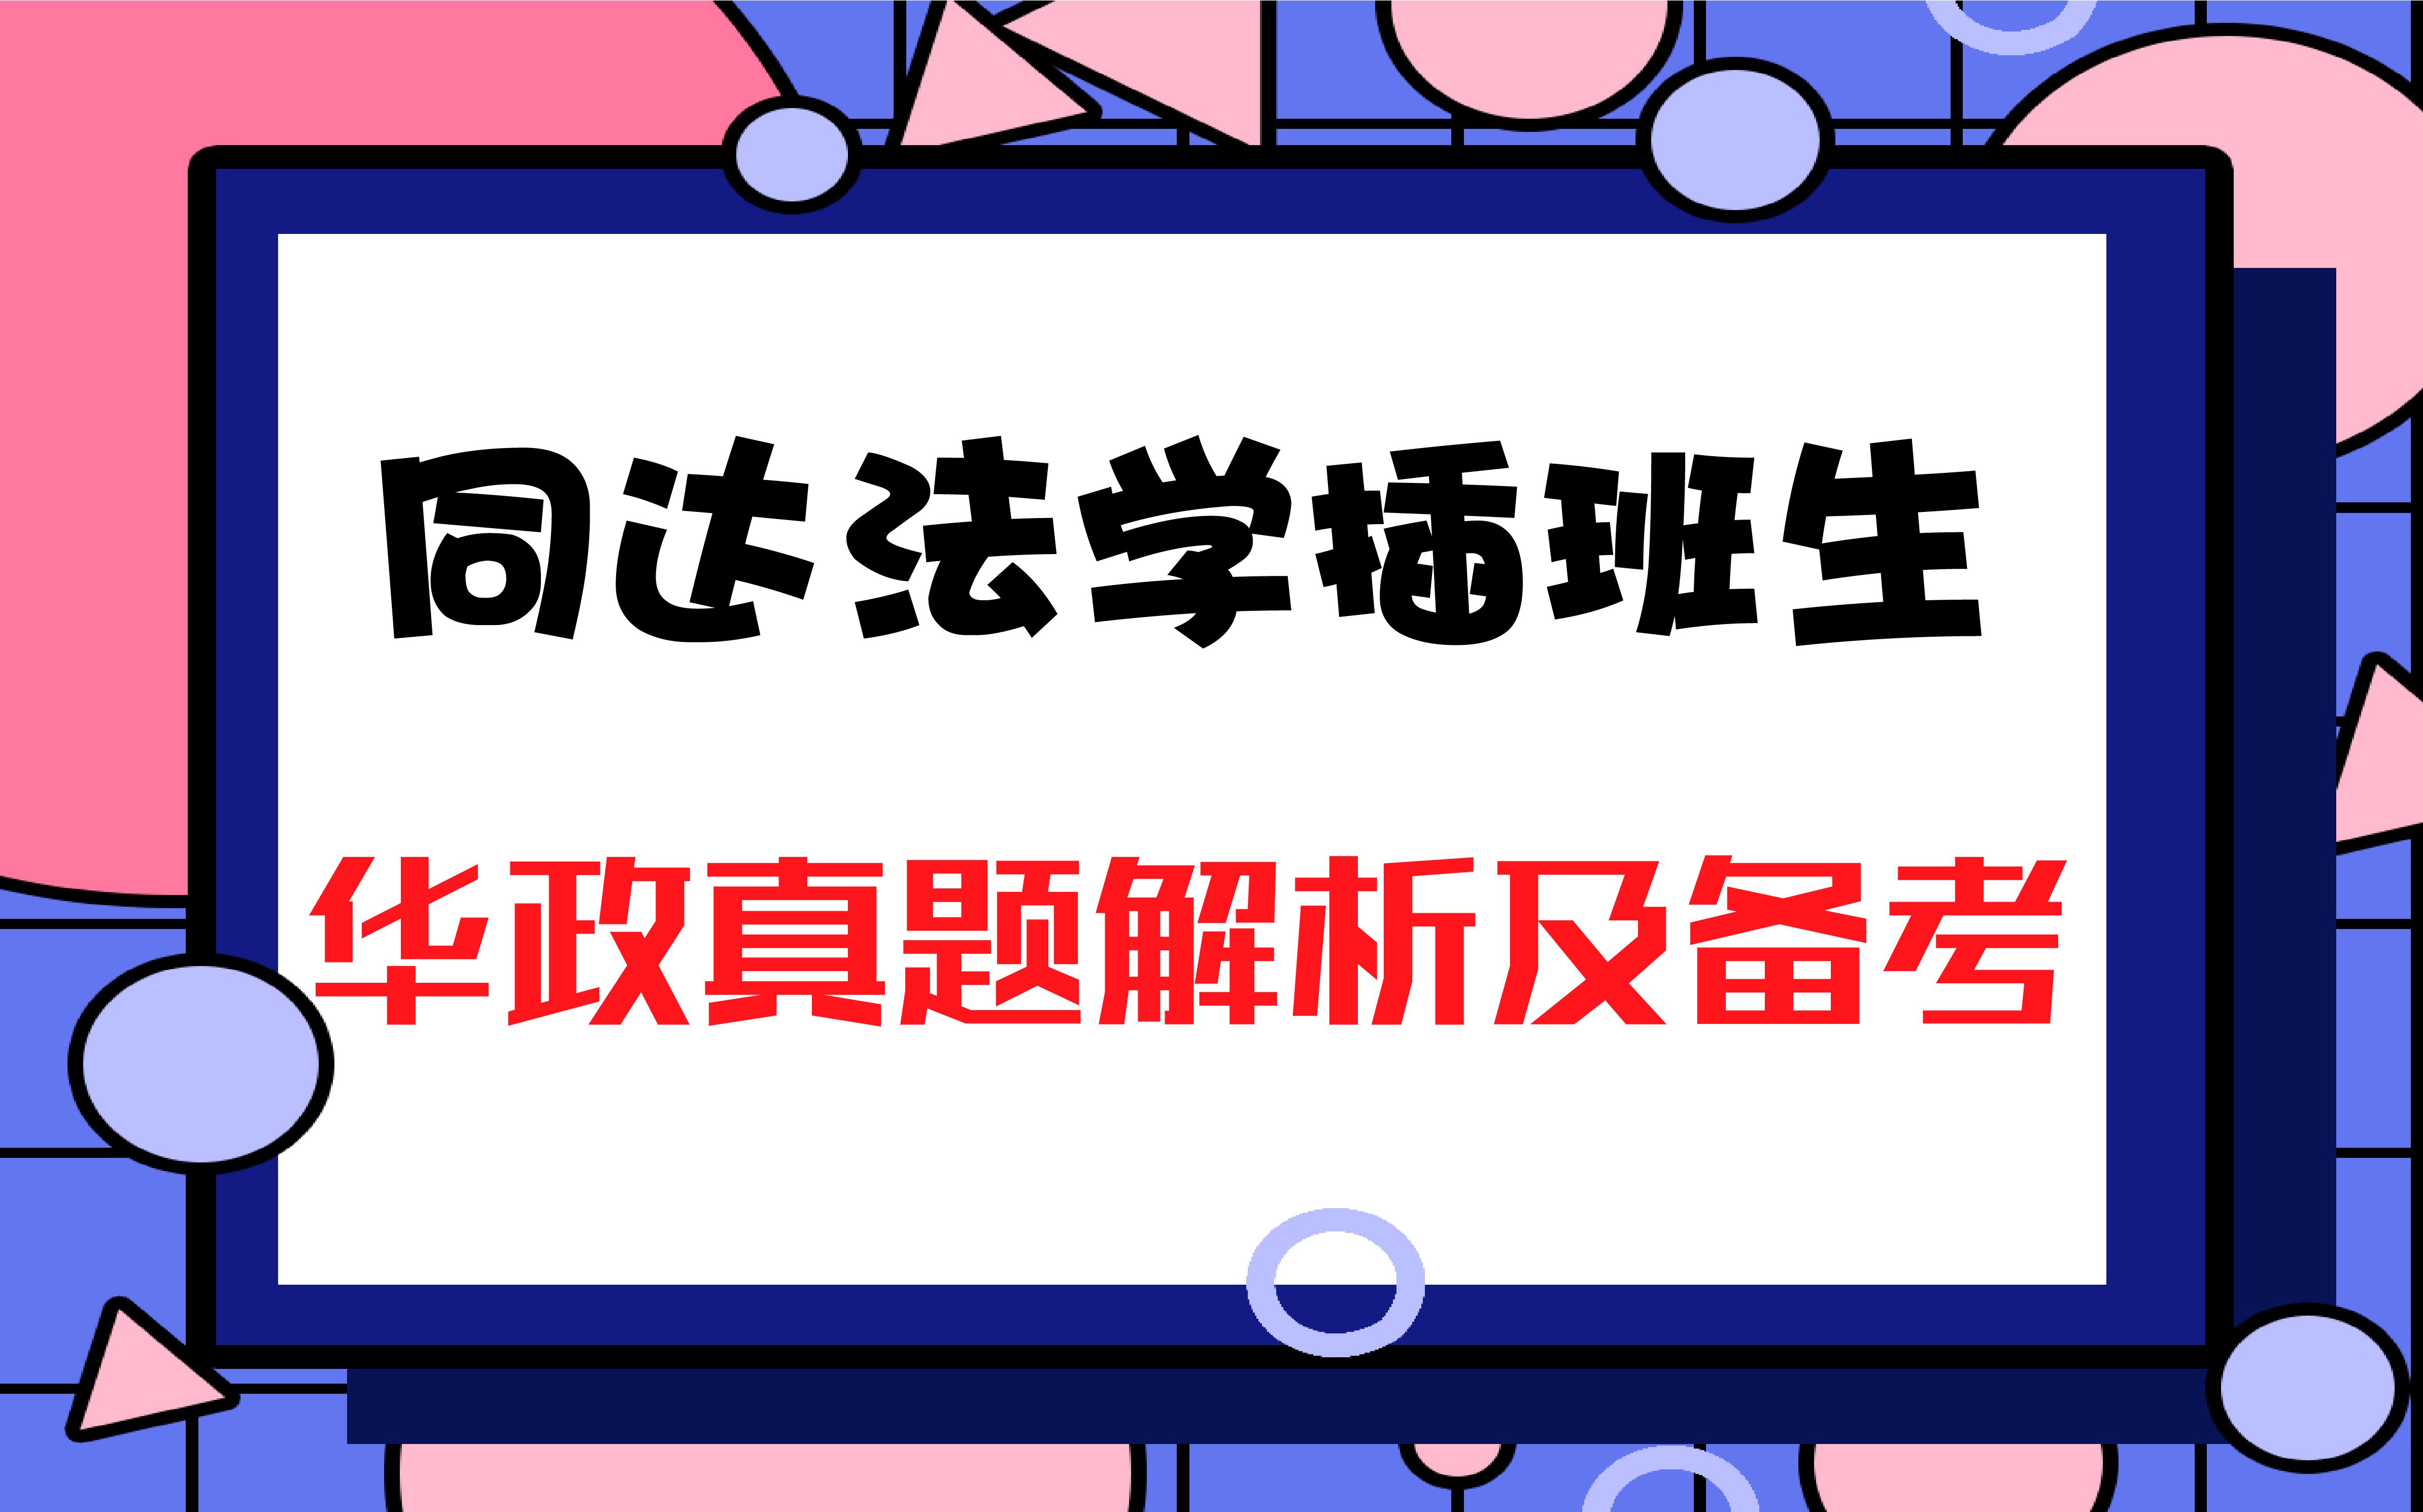 法学插班生-03.jpg